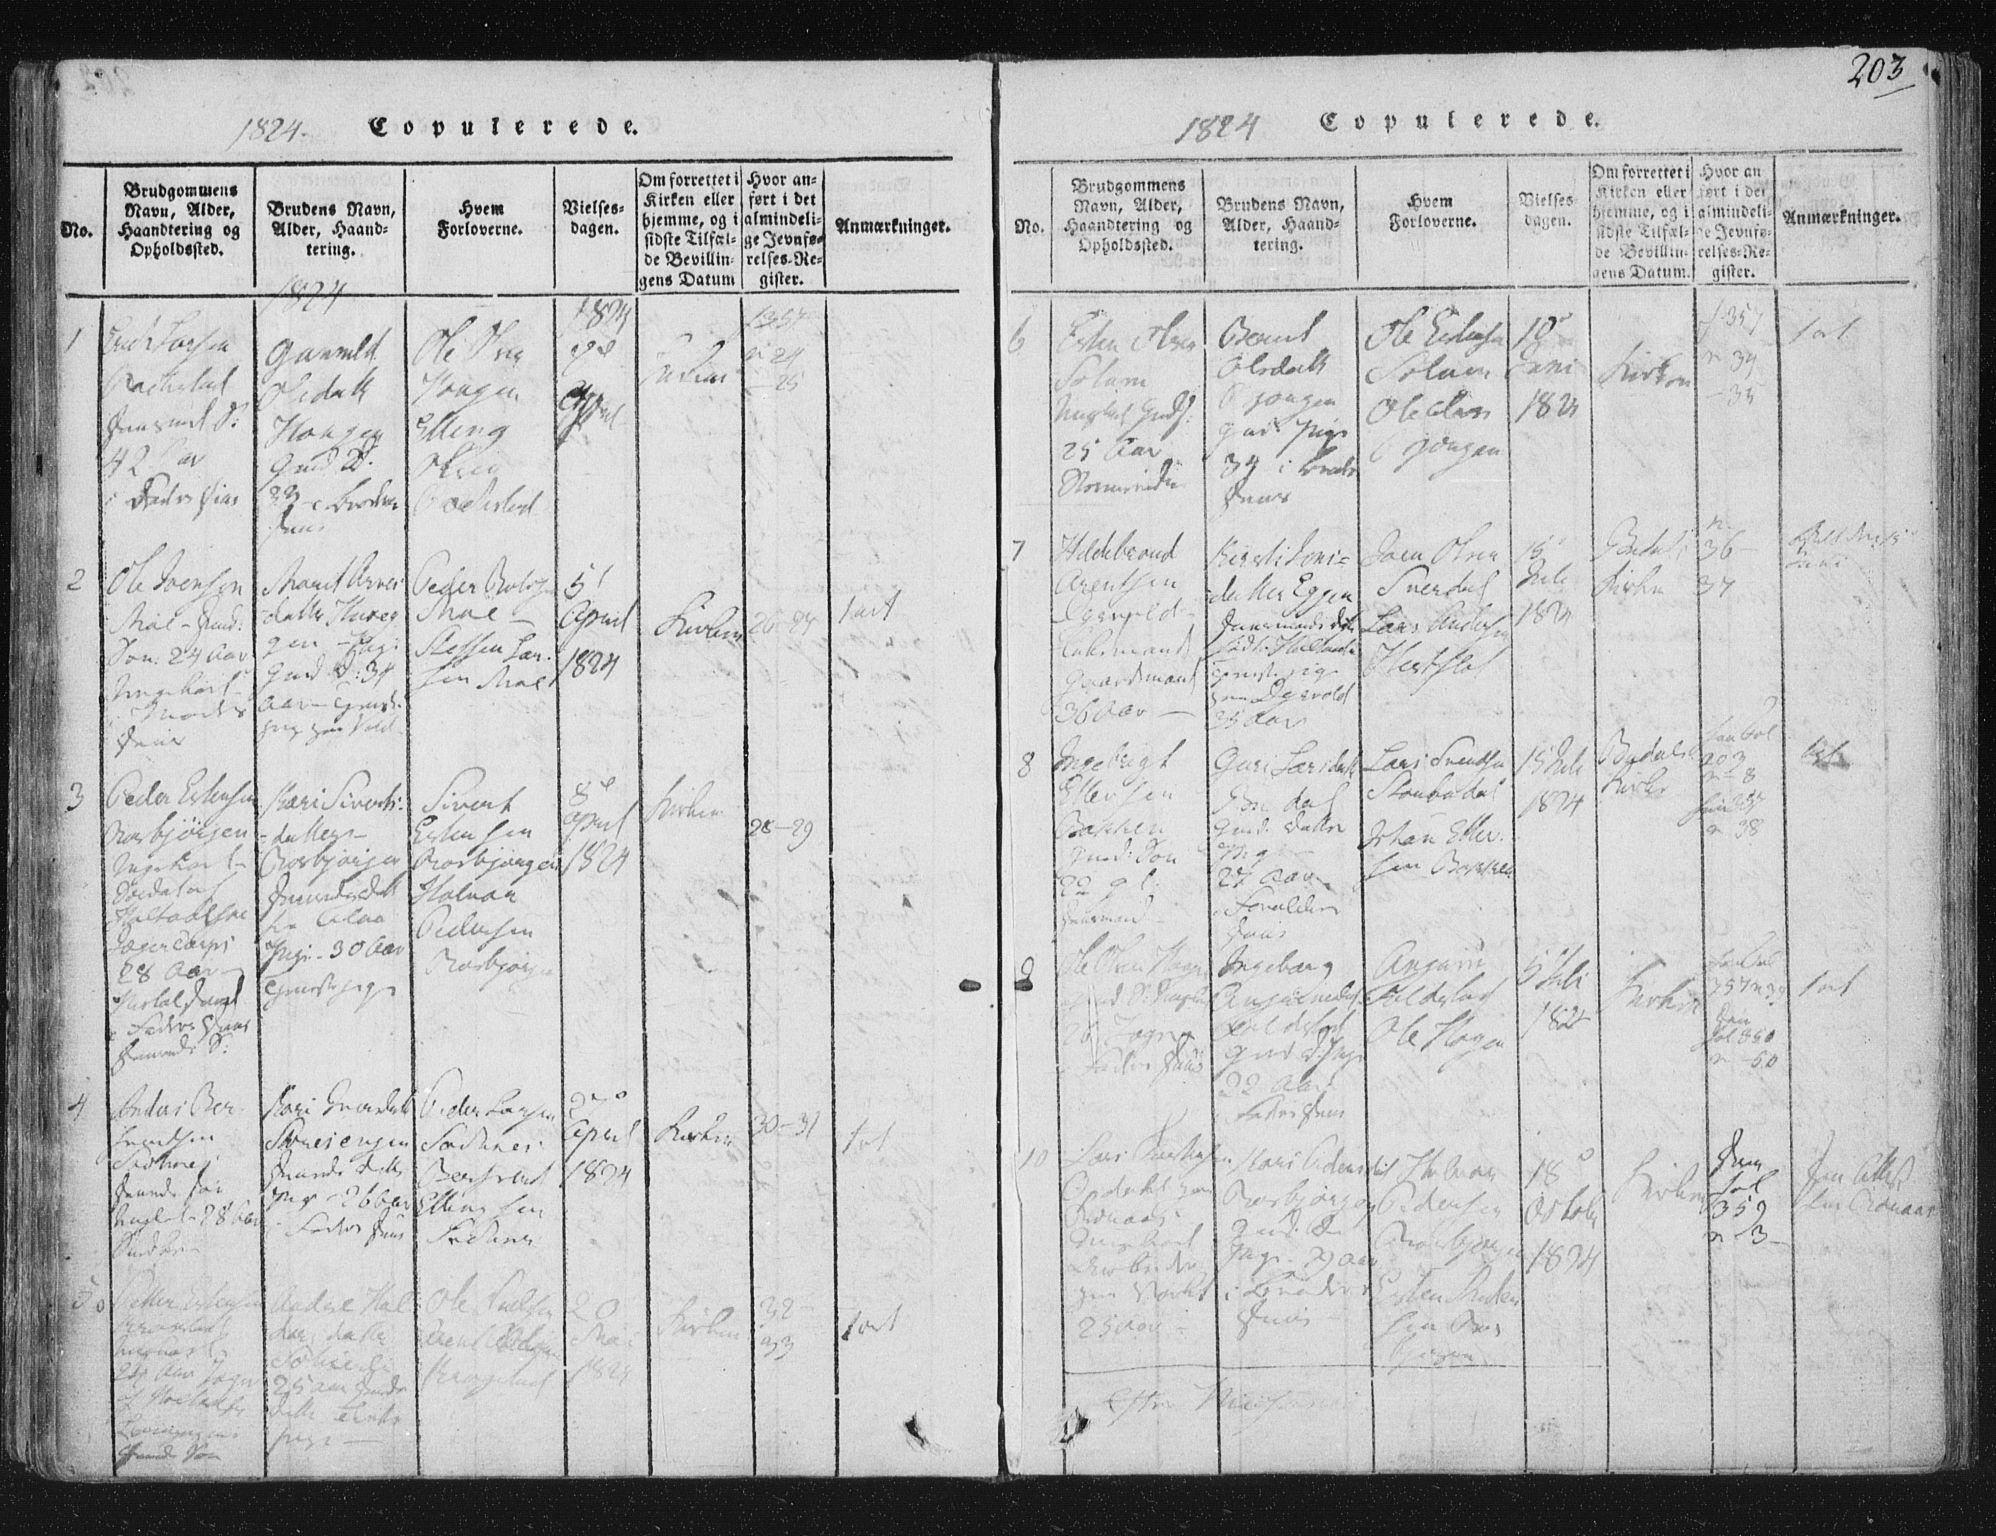 SAT, Ministerialprotokoller, klokkerbøker og fødselsregistre - Sør-Trøndelag, 687/L0996: Ministerialbok nr. 687A04, 1816-1842, s. 203